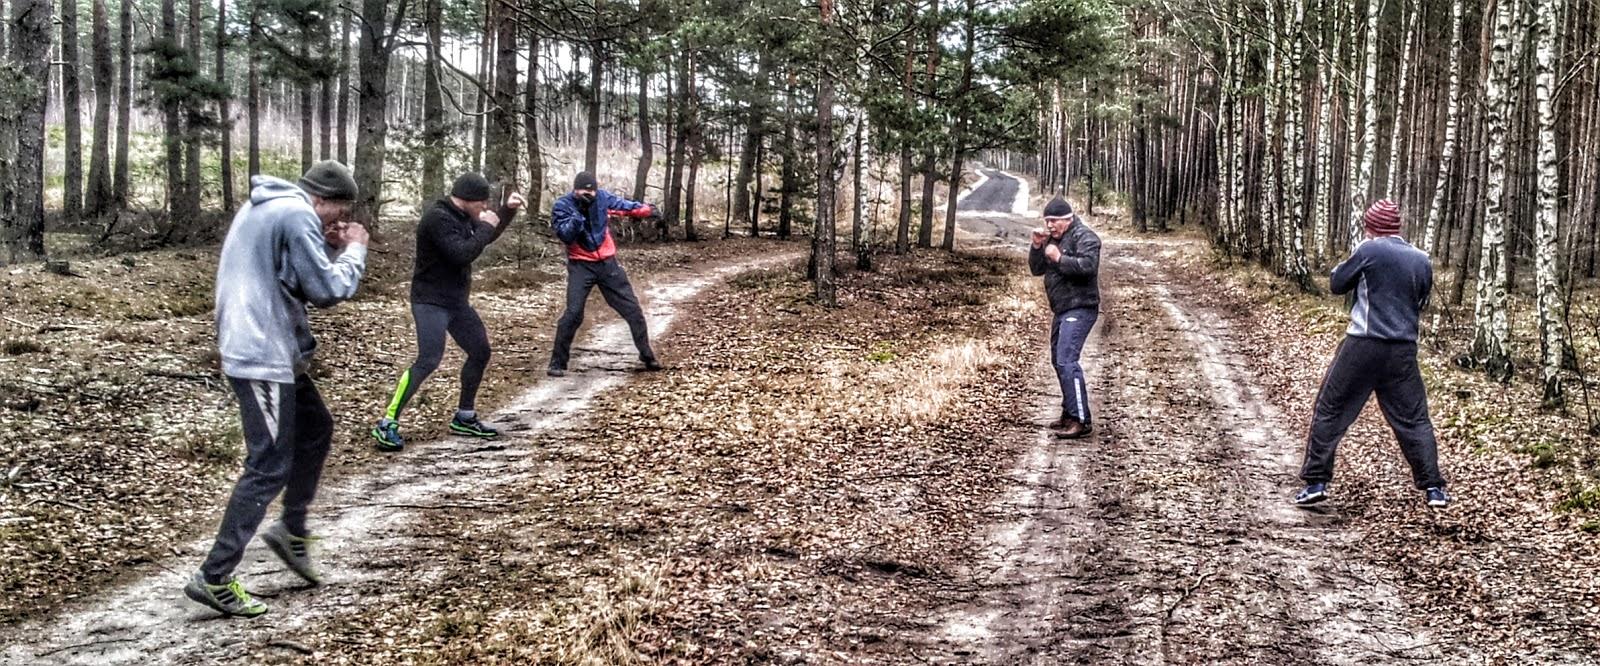 kickboxing, muay thai, boks, trening, sport, Zielona Góra, Zielonogórzanie